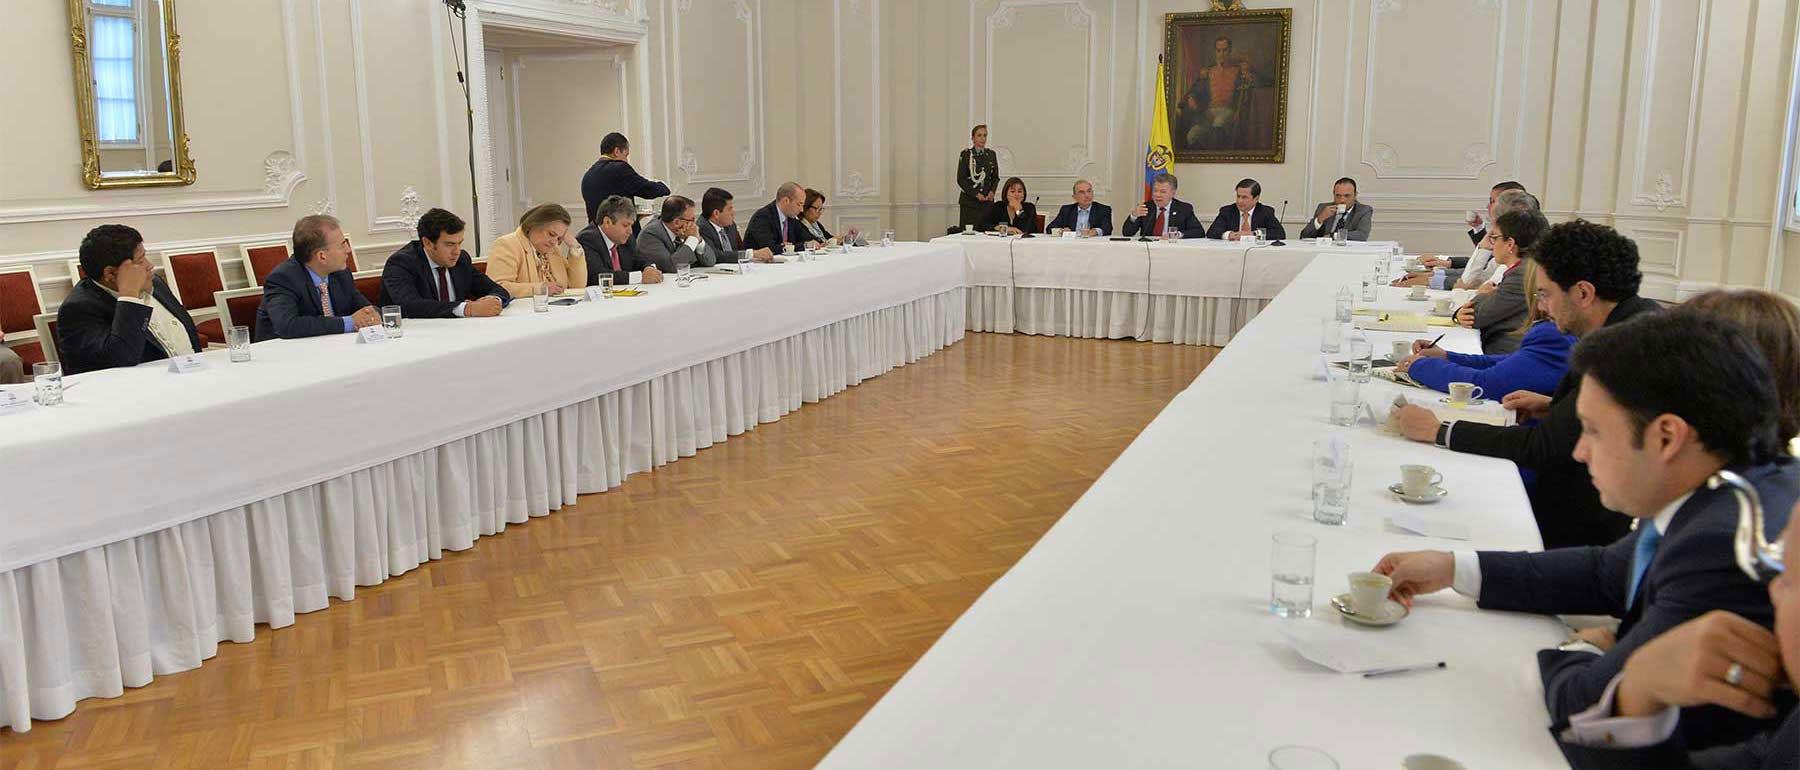 Reunión entre gobierno y partidos